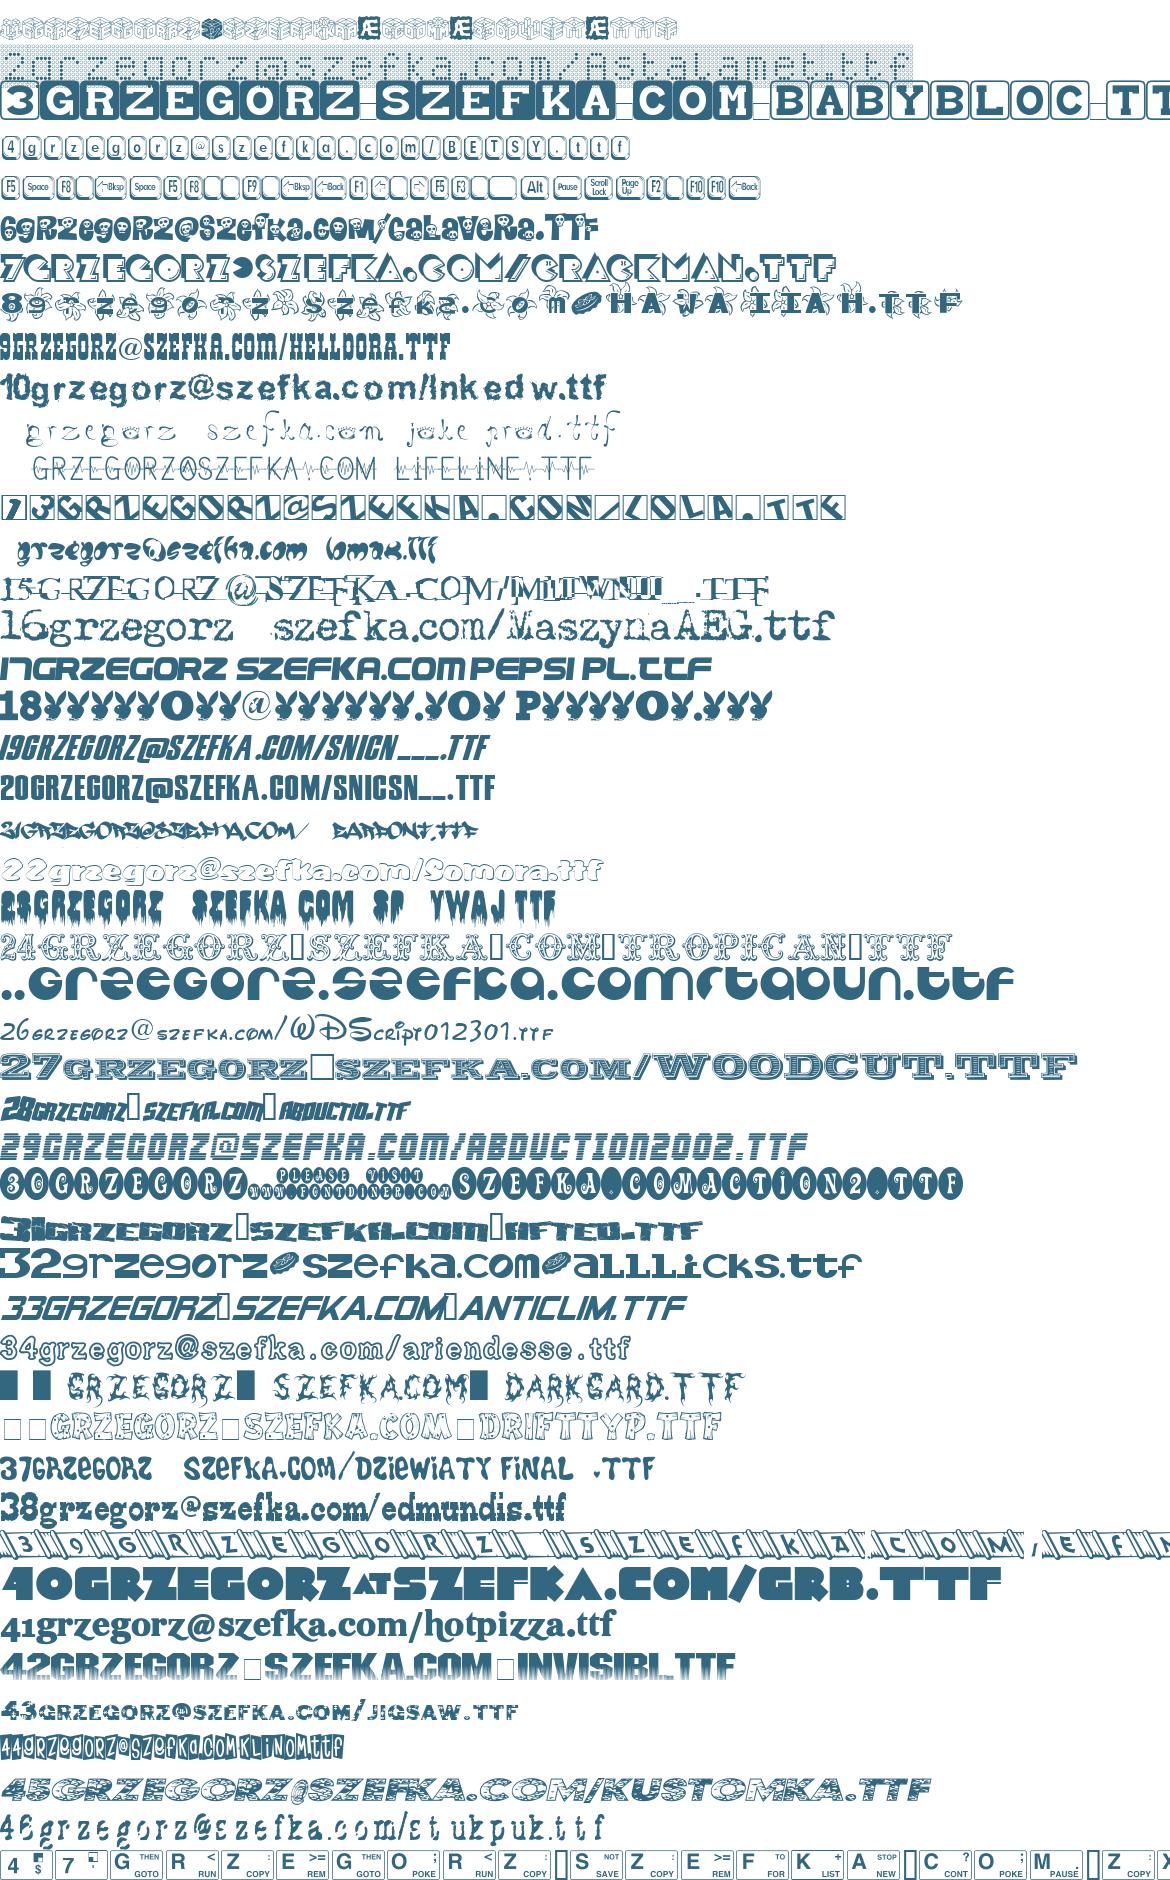 grzegorz na serwerze szefka kropka com